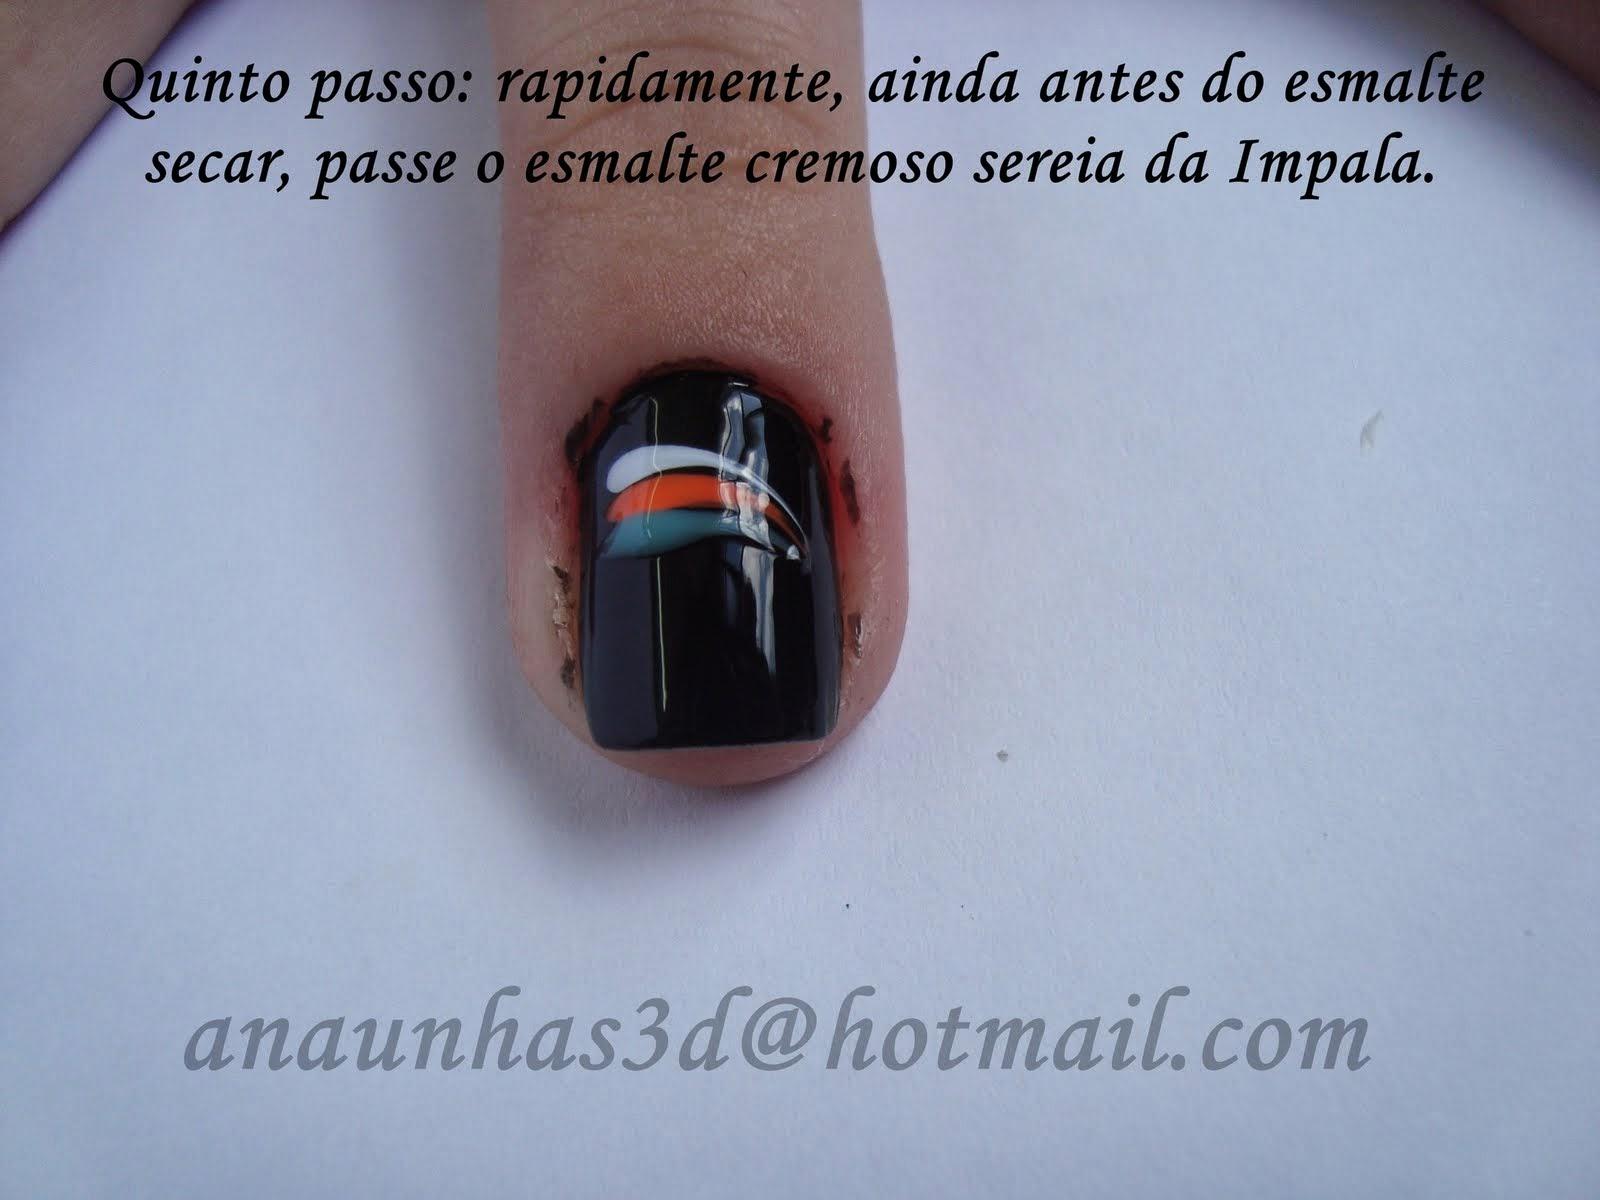 http://1.bp.blogspot.com/_M9t5Pq9KaFY/S8D47-PPEuI/AAAAAAAAAlA/0bAj1L3VwYk/s1600/DSC01718.JPG